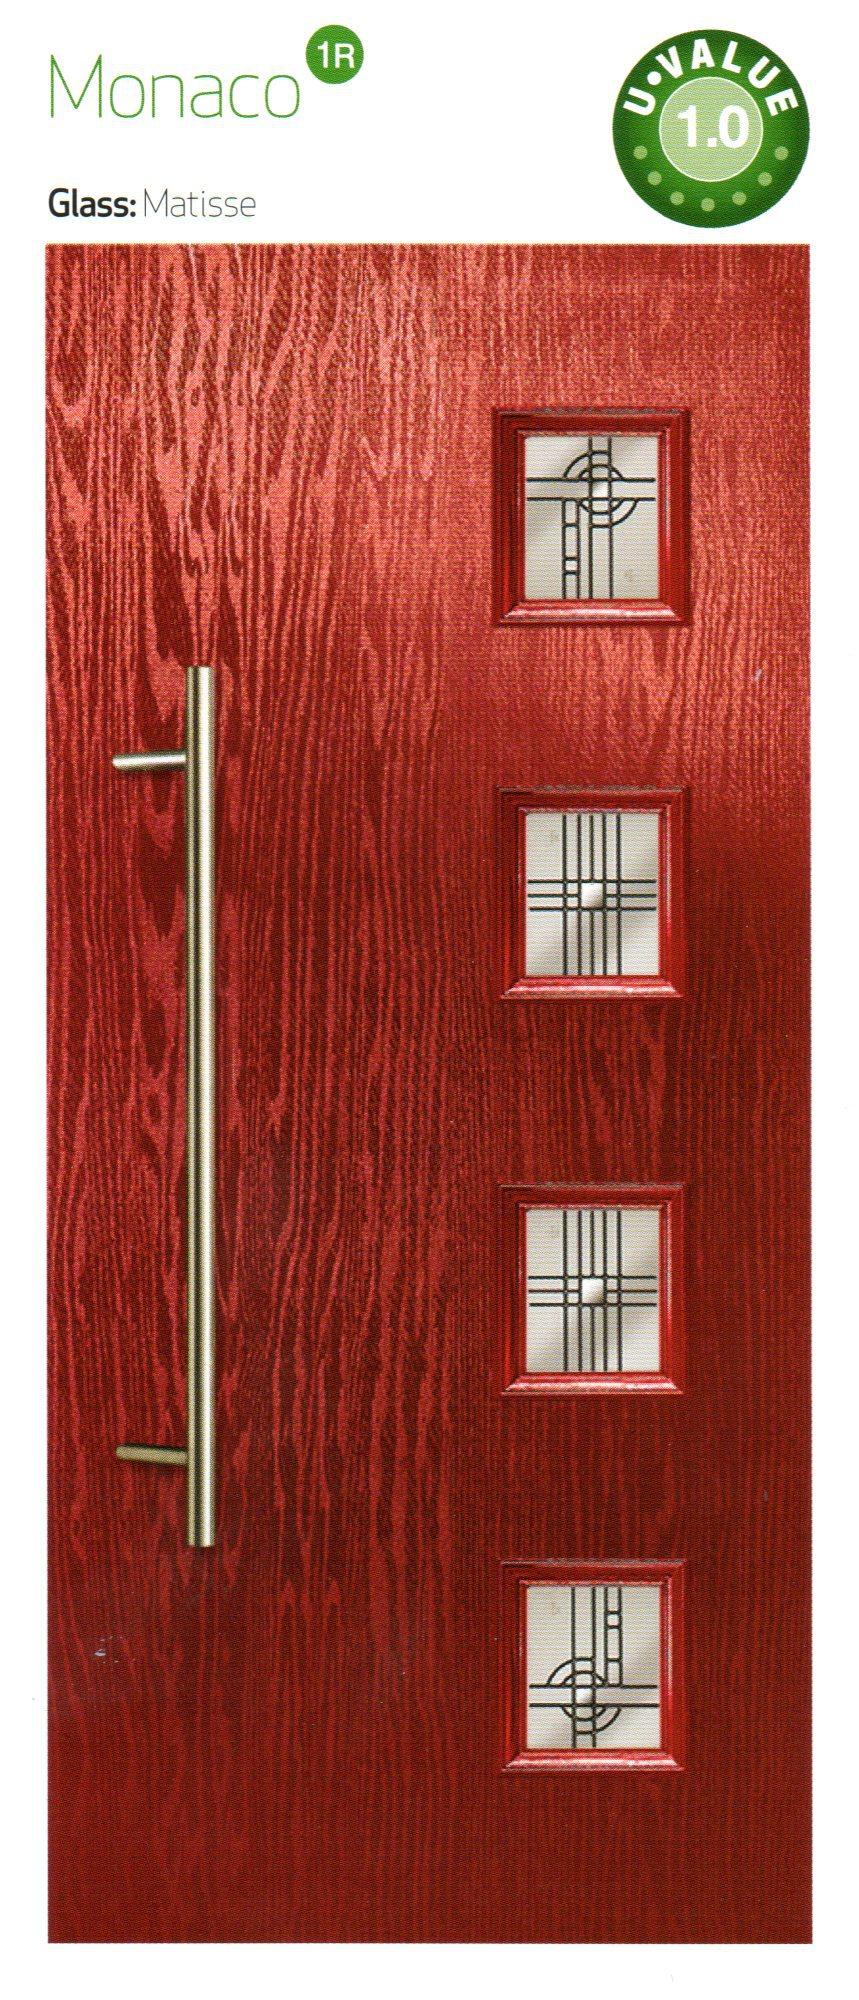 composite doors in reddish black color